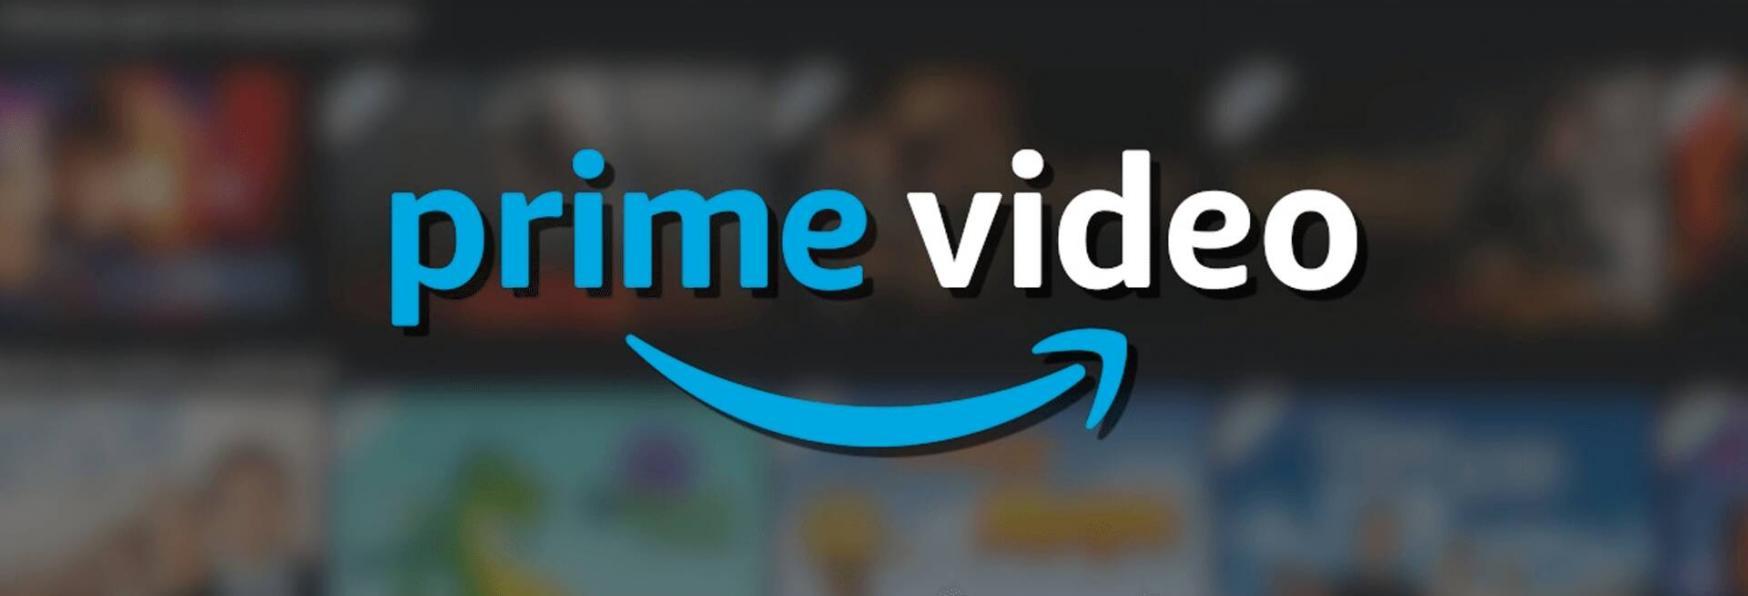 Lightyears: le Ultime Aggiunte al Cast della nuova Serie TV Sci-fi di Amazon